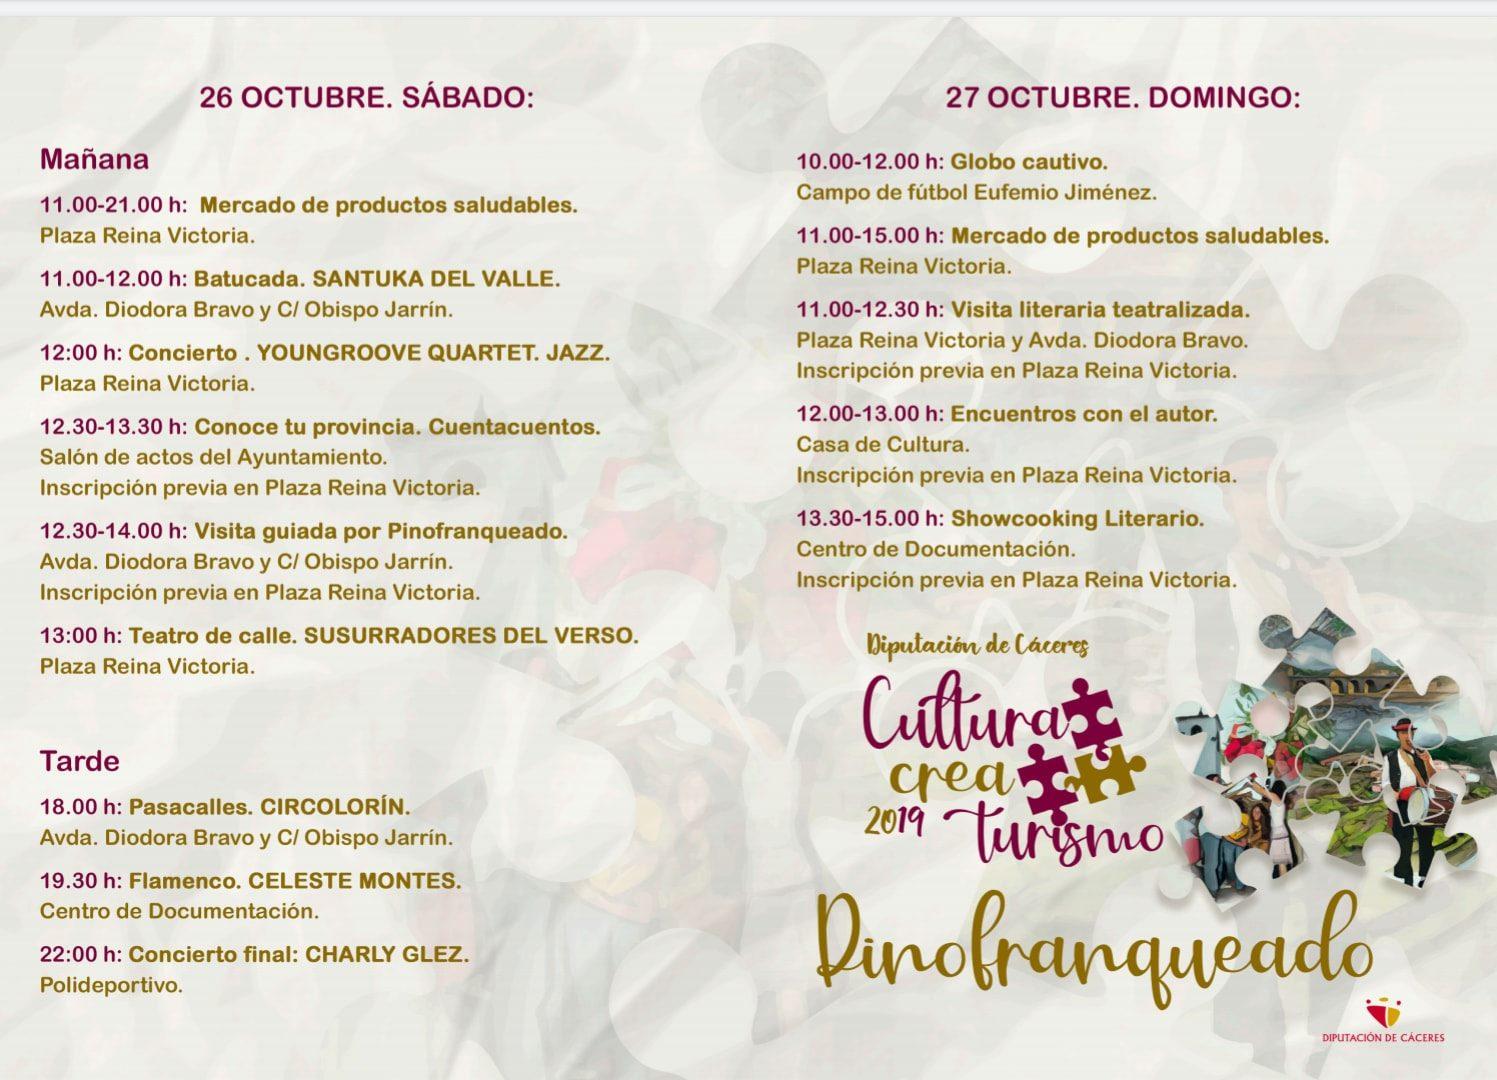 Programa Cultura crea turismo en Pinofranqueado